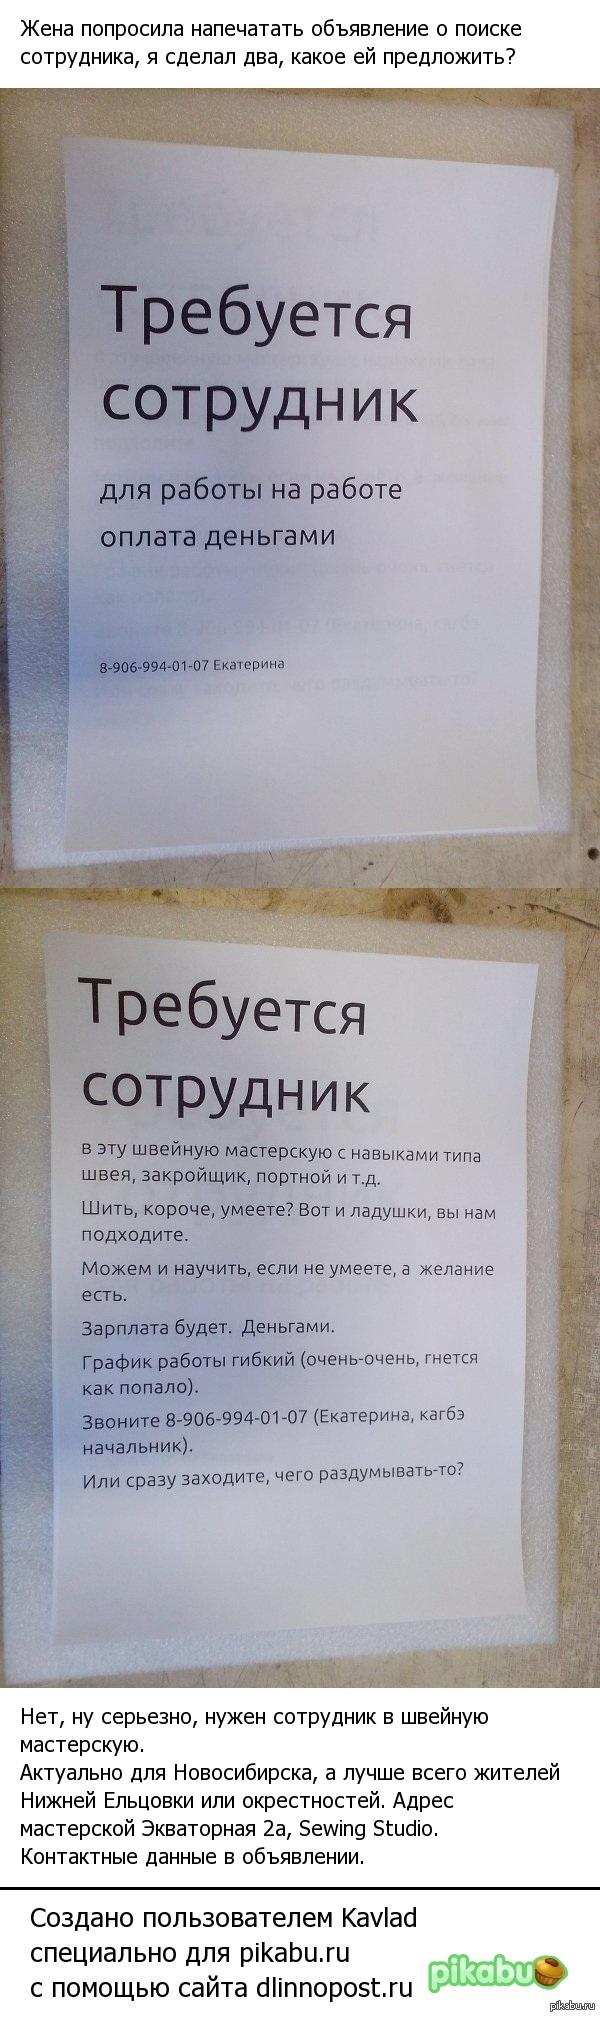 obyavleniya-o-poiske-raboti